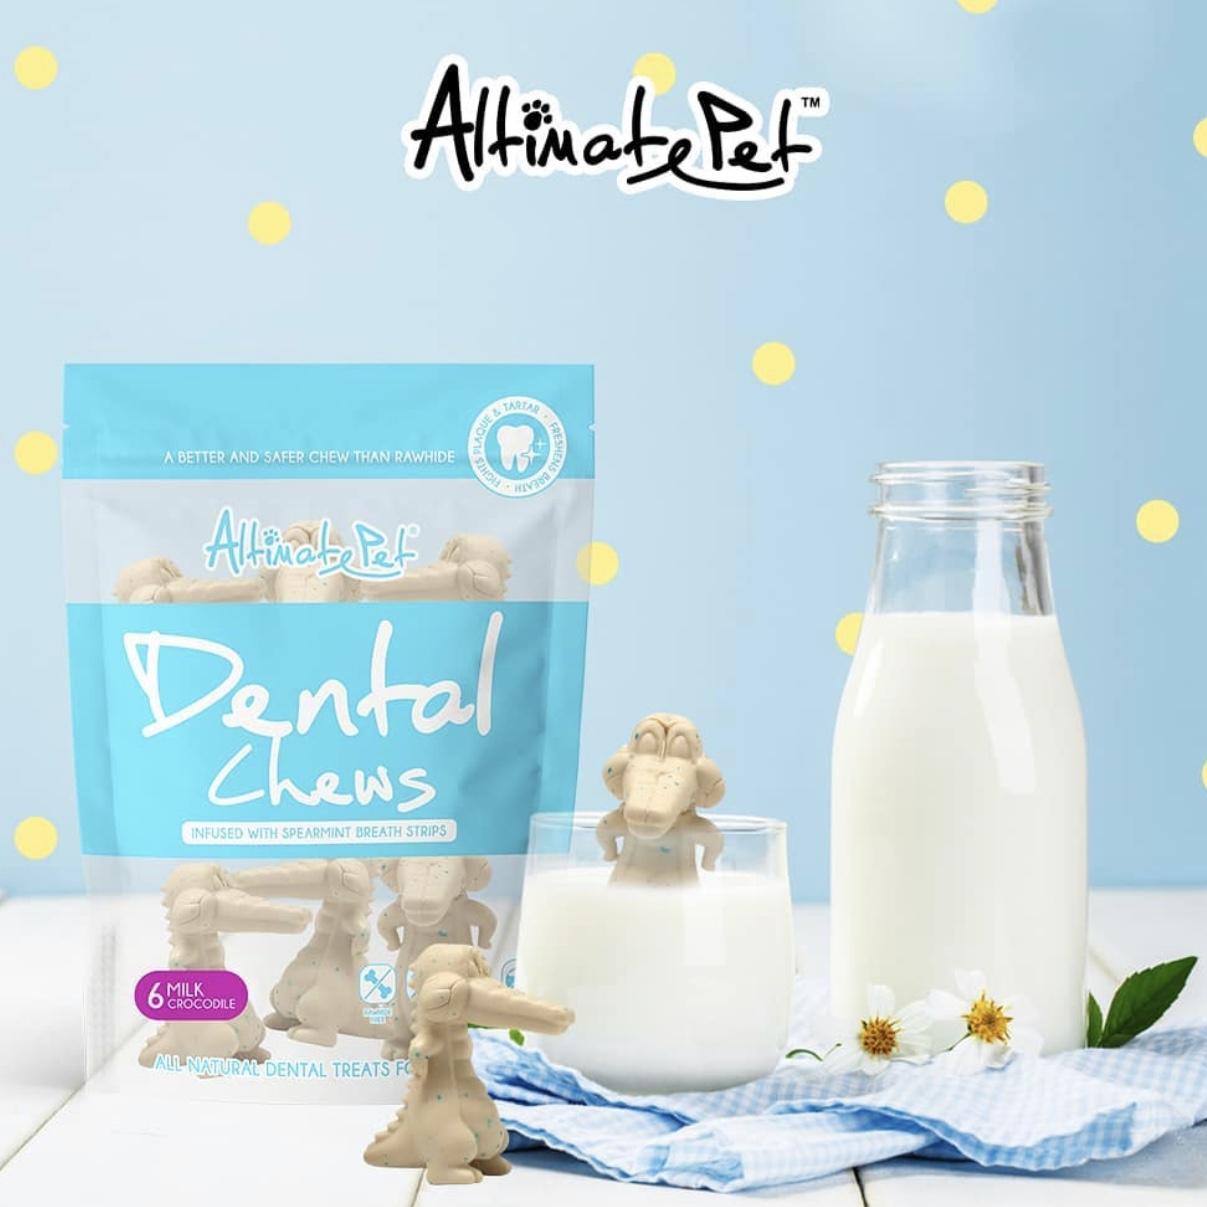 Xương Gặm Sạch Răng Altimate Pet Dental Chews Milk Sữa [Hình Cá Sấu 6 Xương]